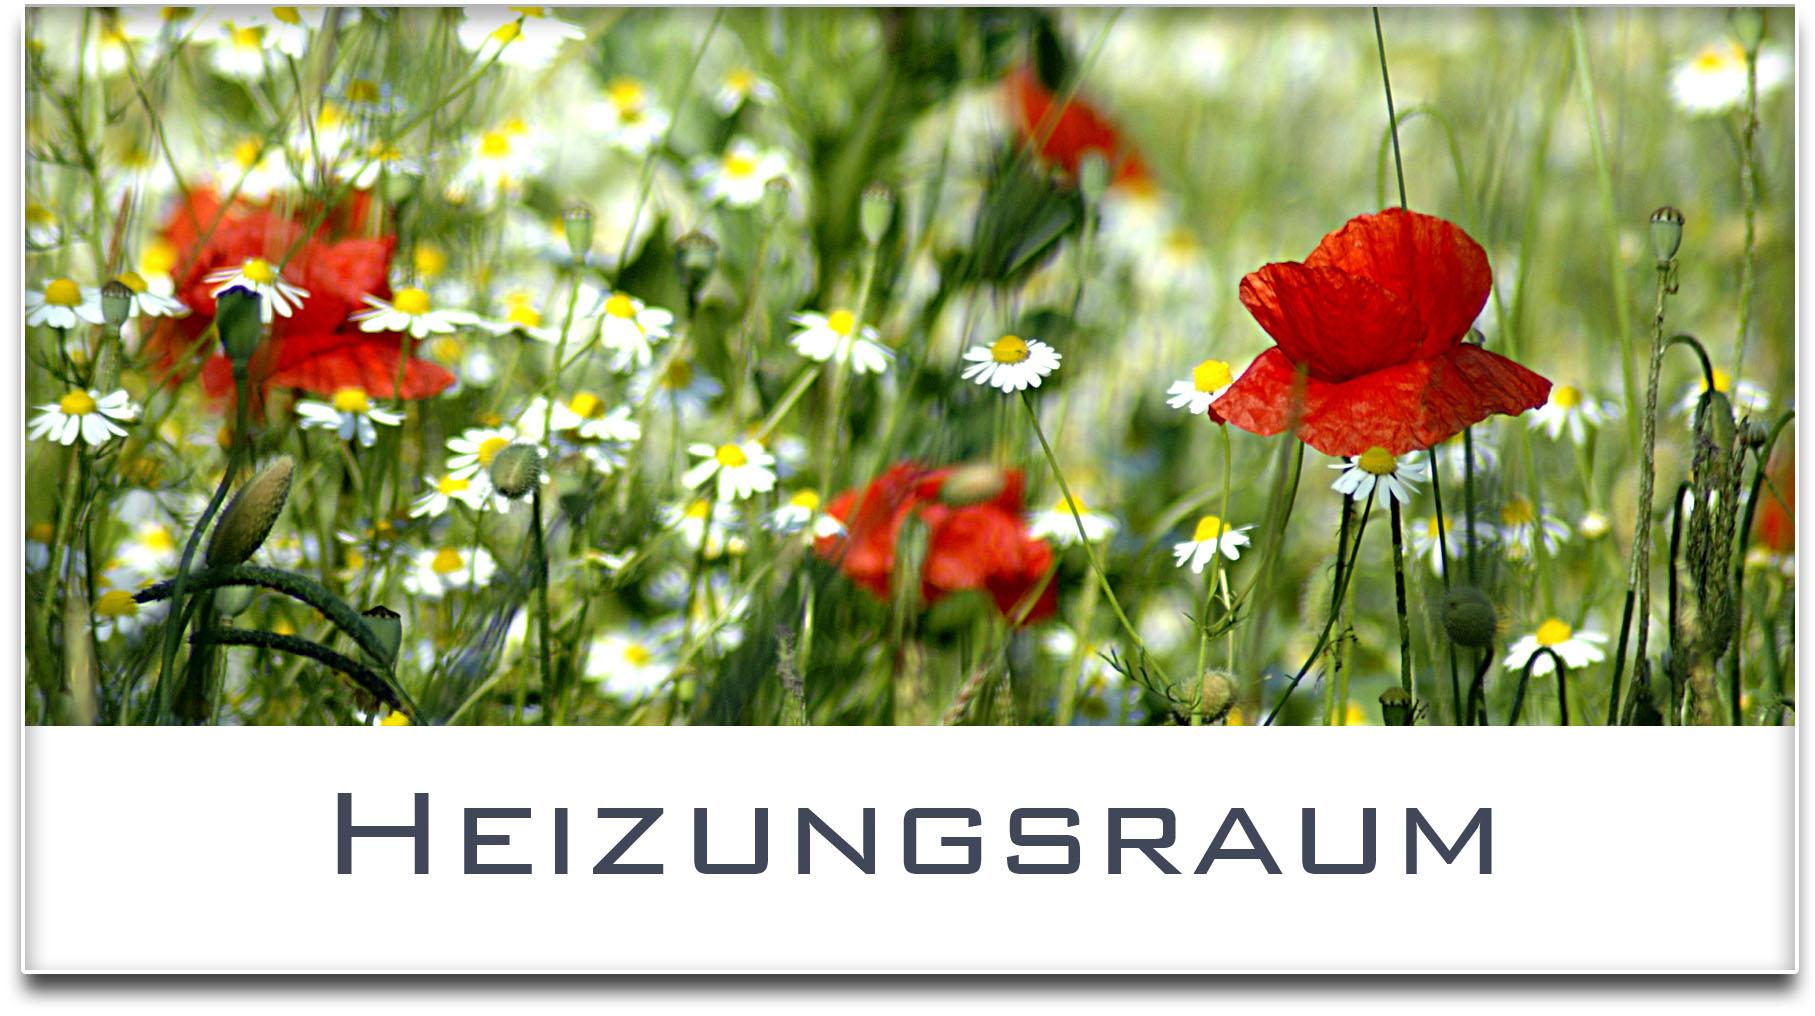 Türschild / Haustürschild / Blumenwiese / Heizungsraum / Selbstklebend